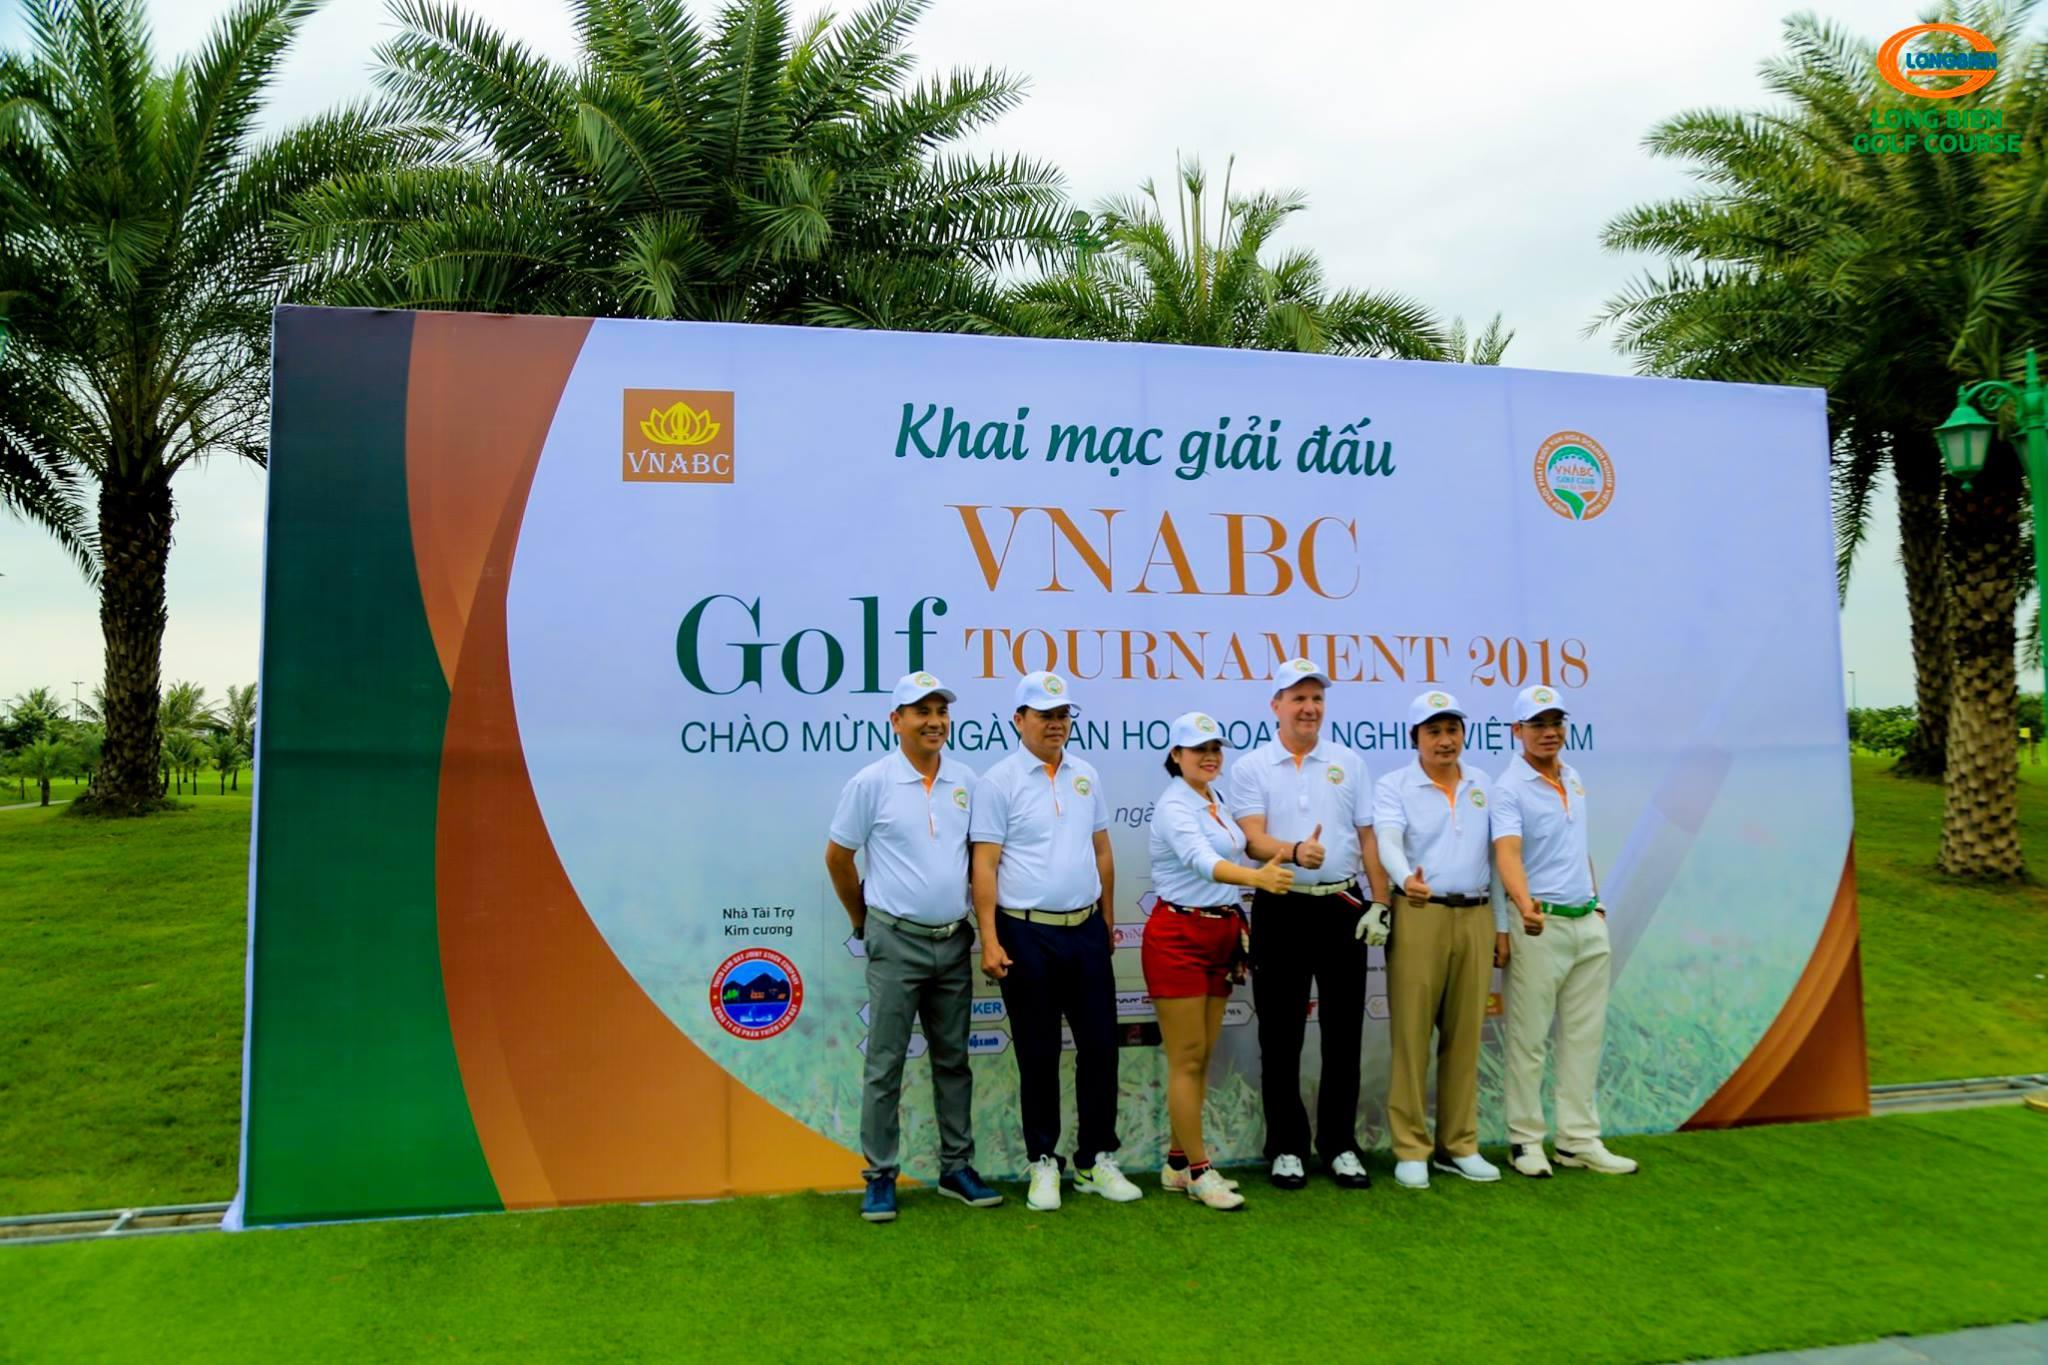 Giải golf VNABC Golf Tournament 2018